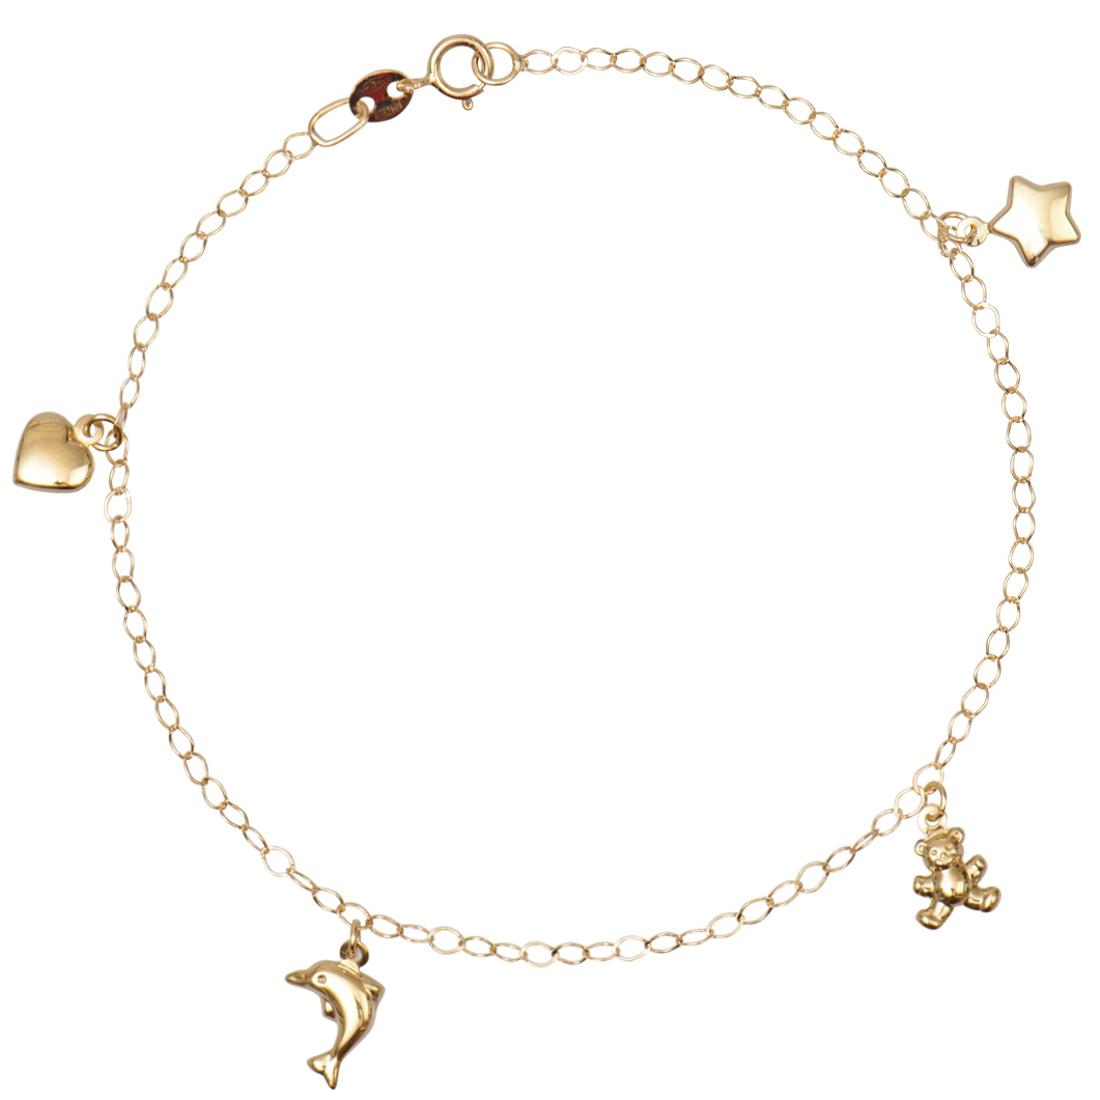 Bracciale in oro giallo con charms - ORO&CO